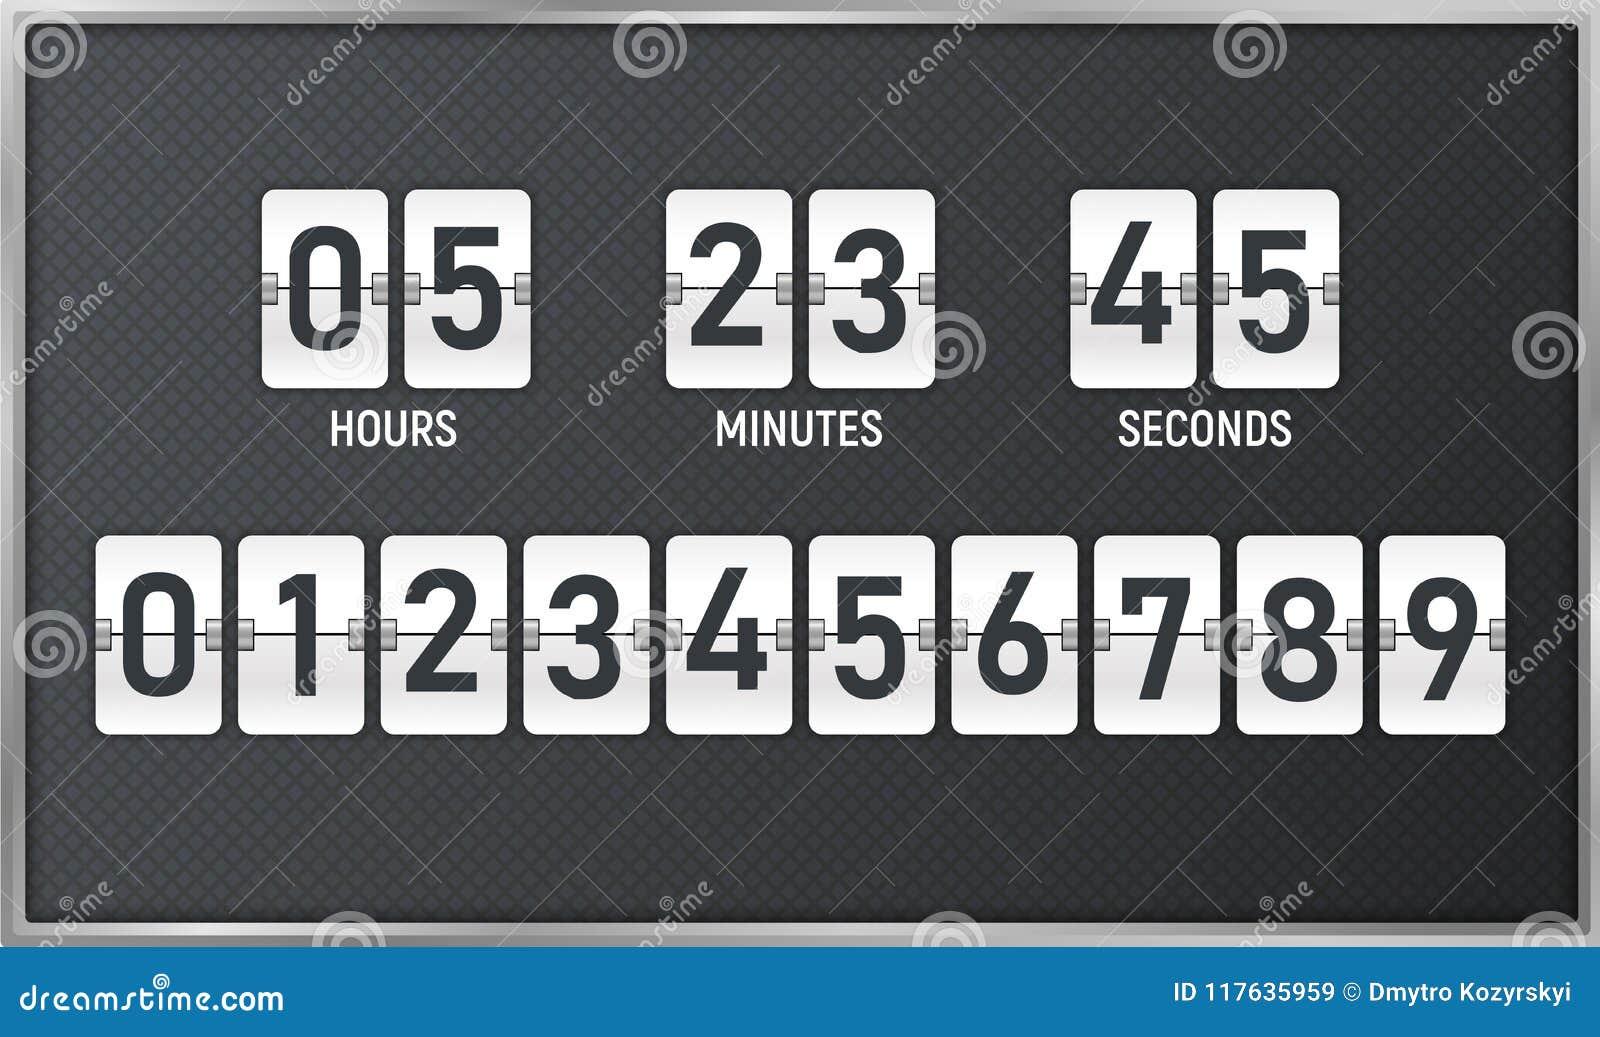 De tijdopnemer van de aftelprocedure Tijd die telling onderaan tikraad met scorebord van dag, uur, notulen en seconden voor zelfs